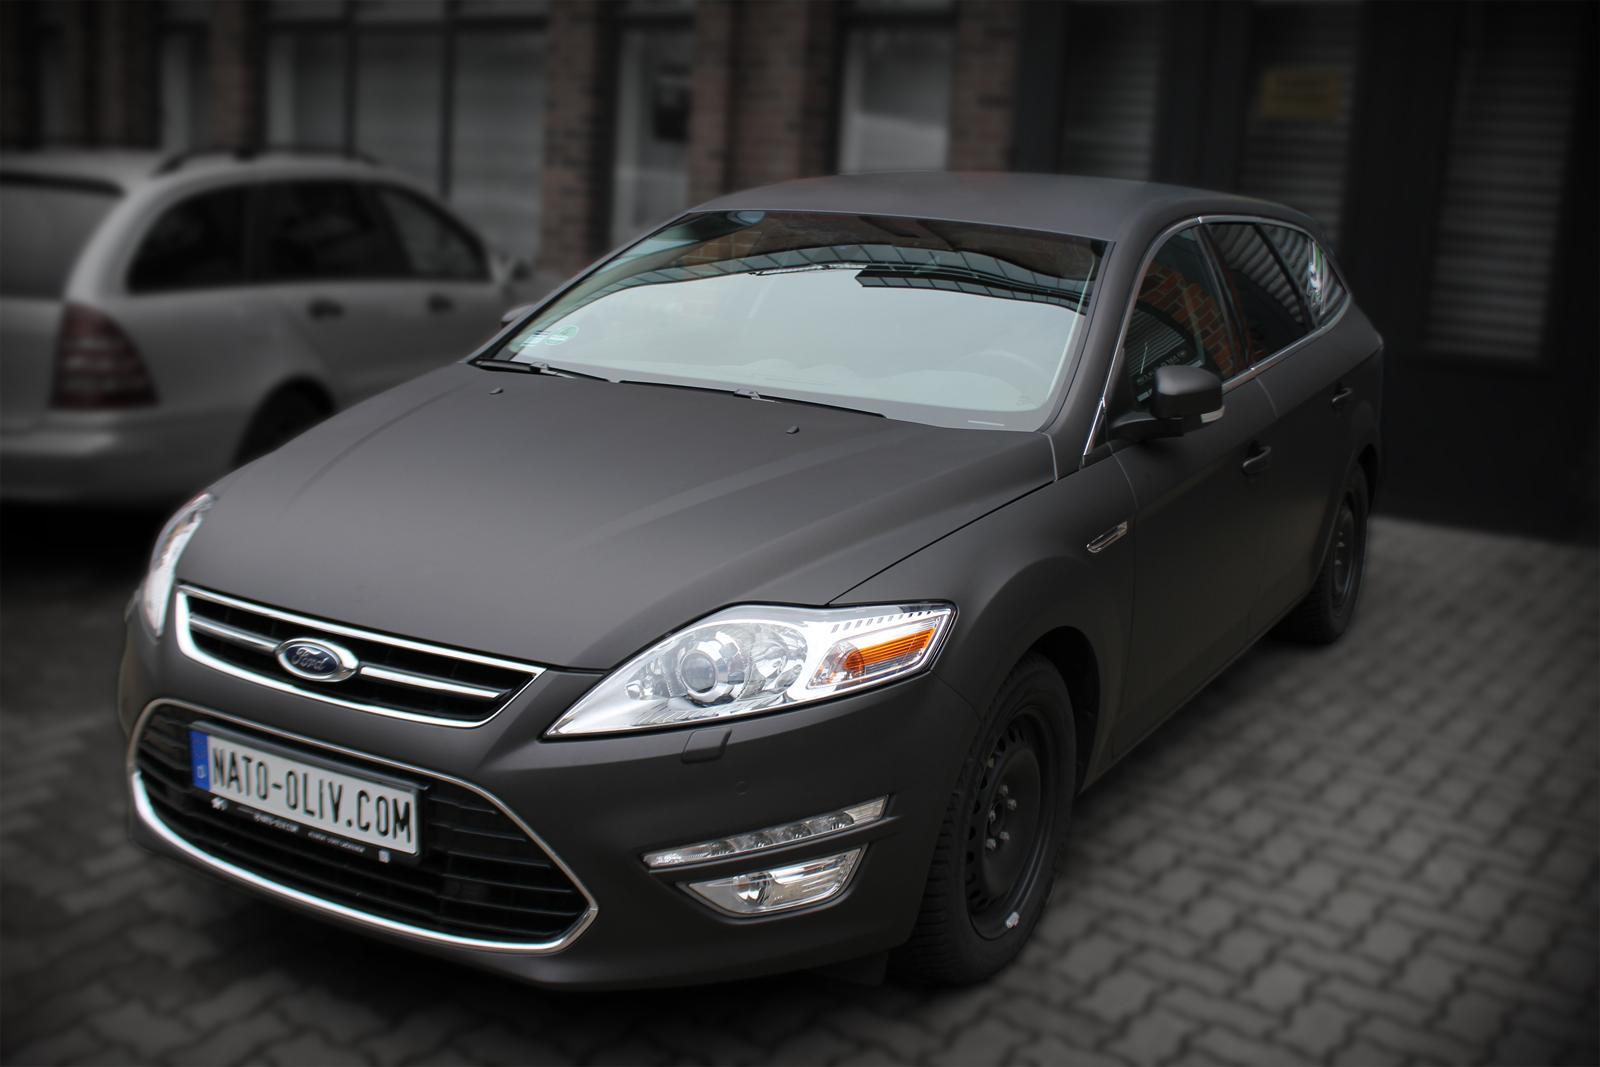 Zu sehen ist ein mit Folie vollverklebter Ford Mondeo, dessen Farbe schwarzbraun matt metallic ist.